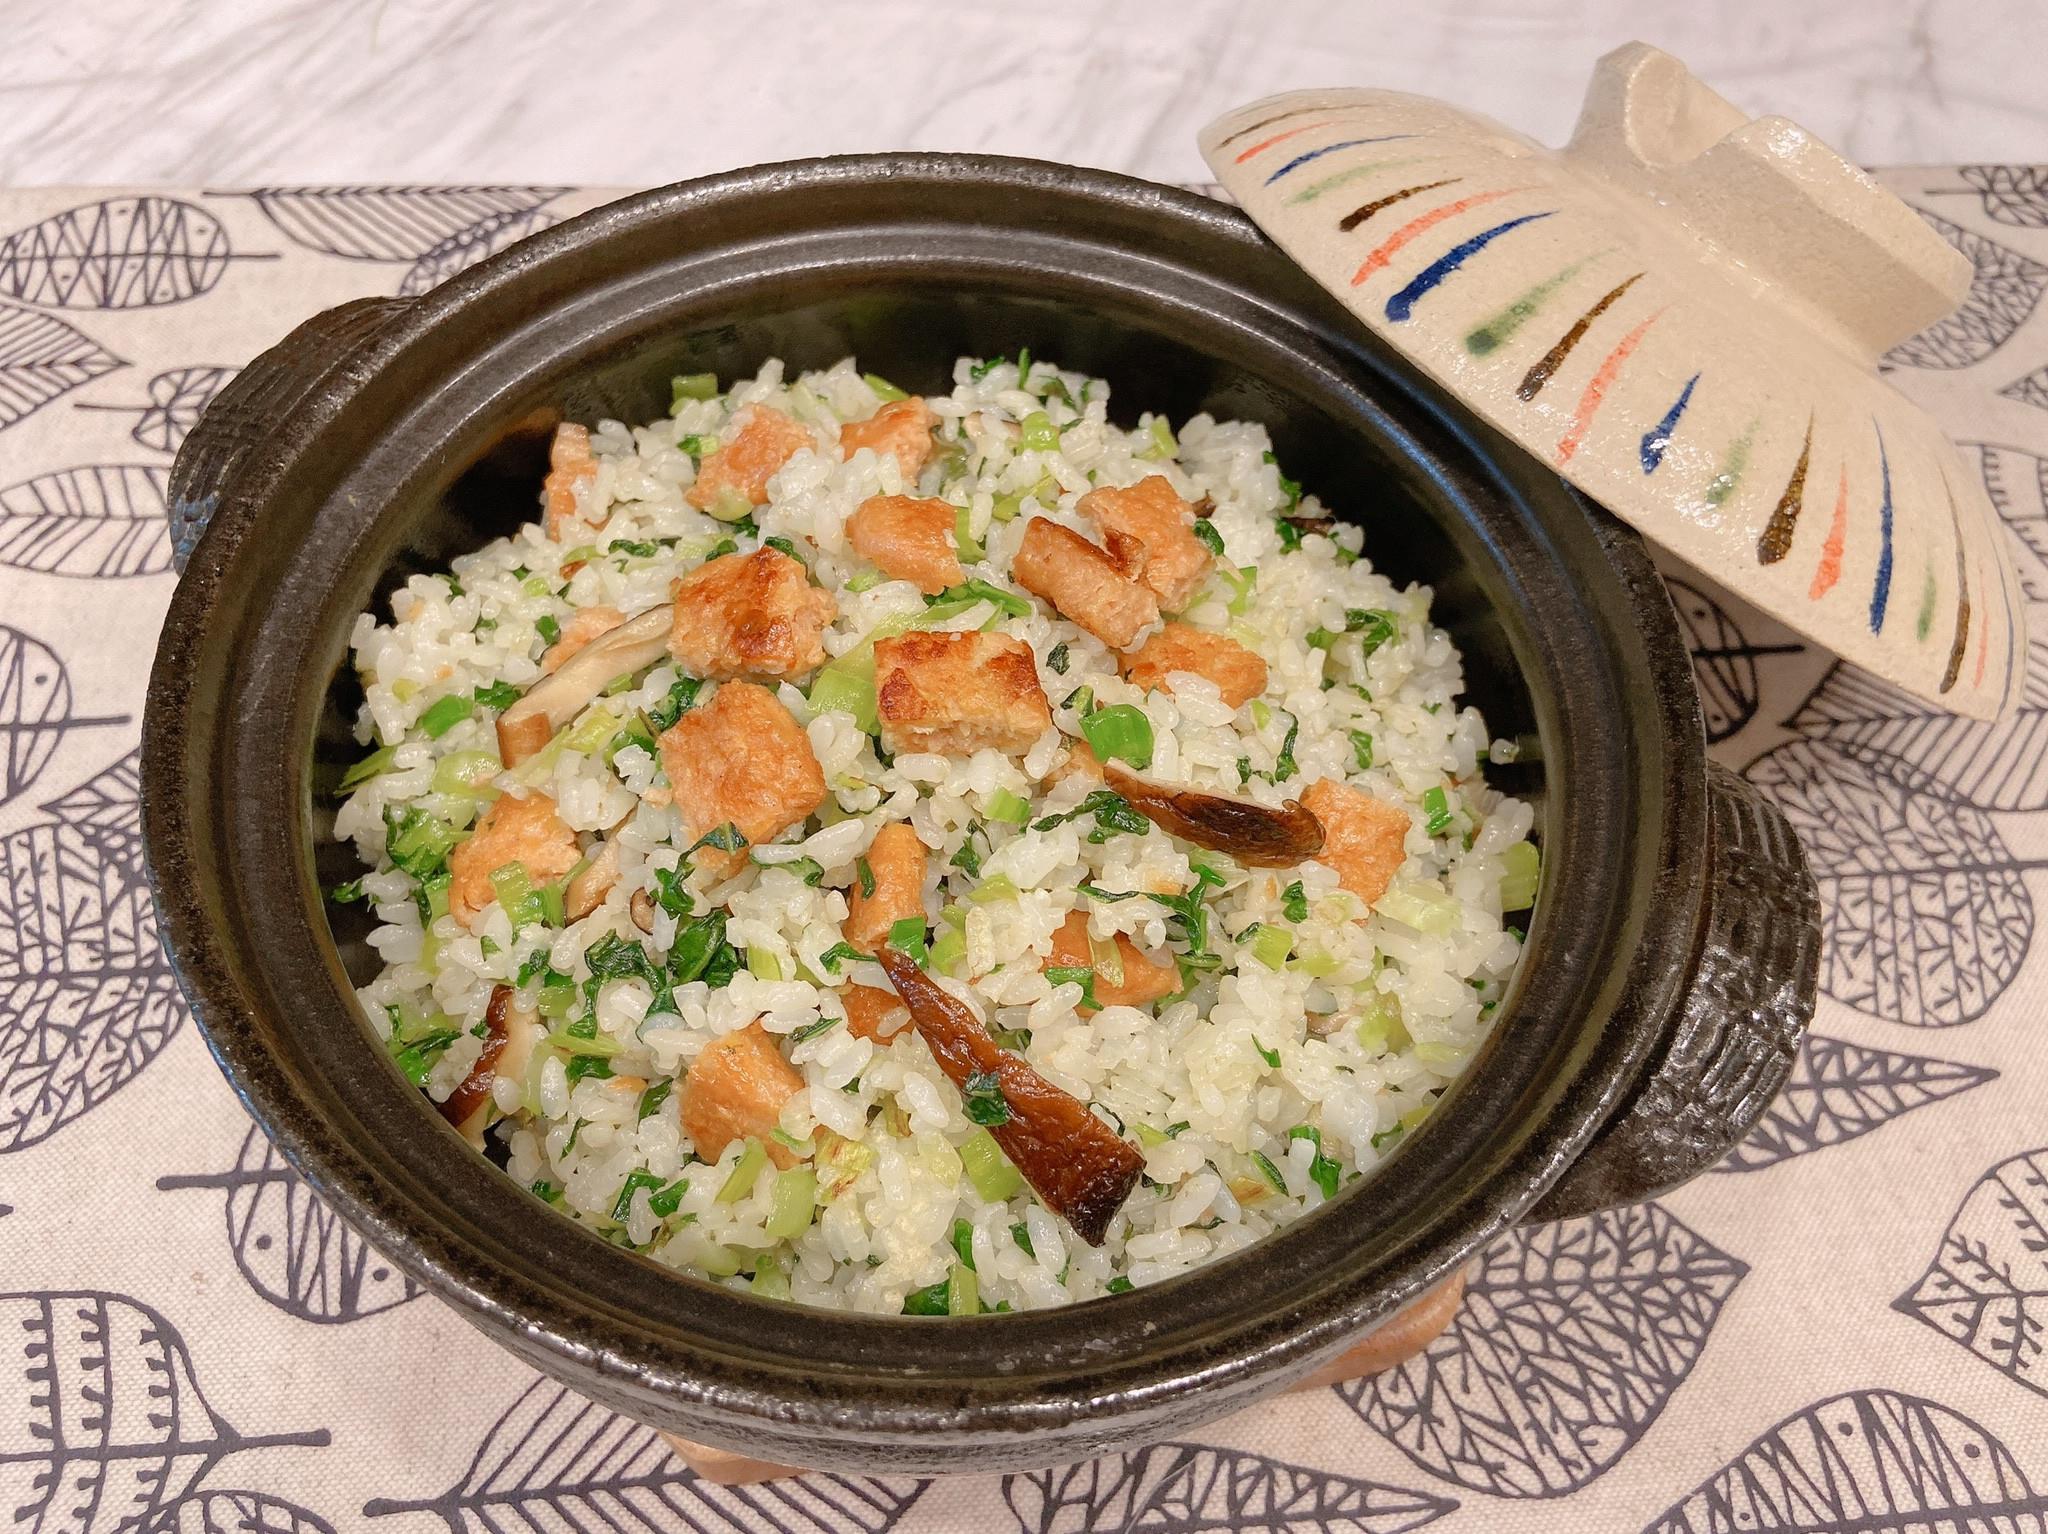 上海菜飯/蛋包飯Omnipork 新餐肉